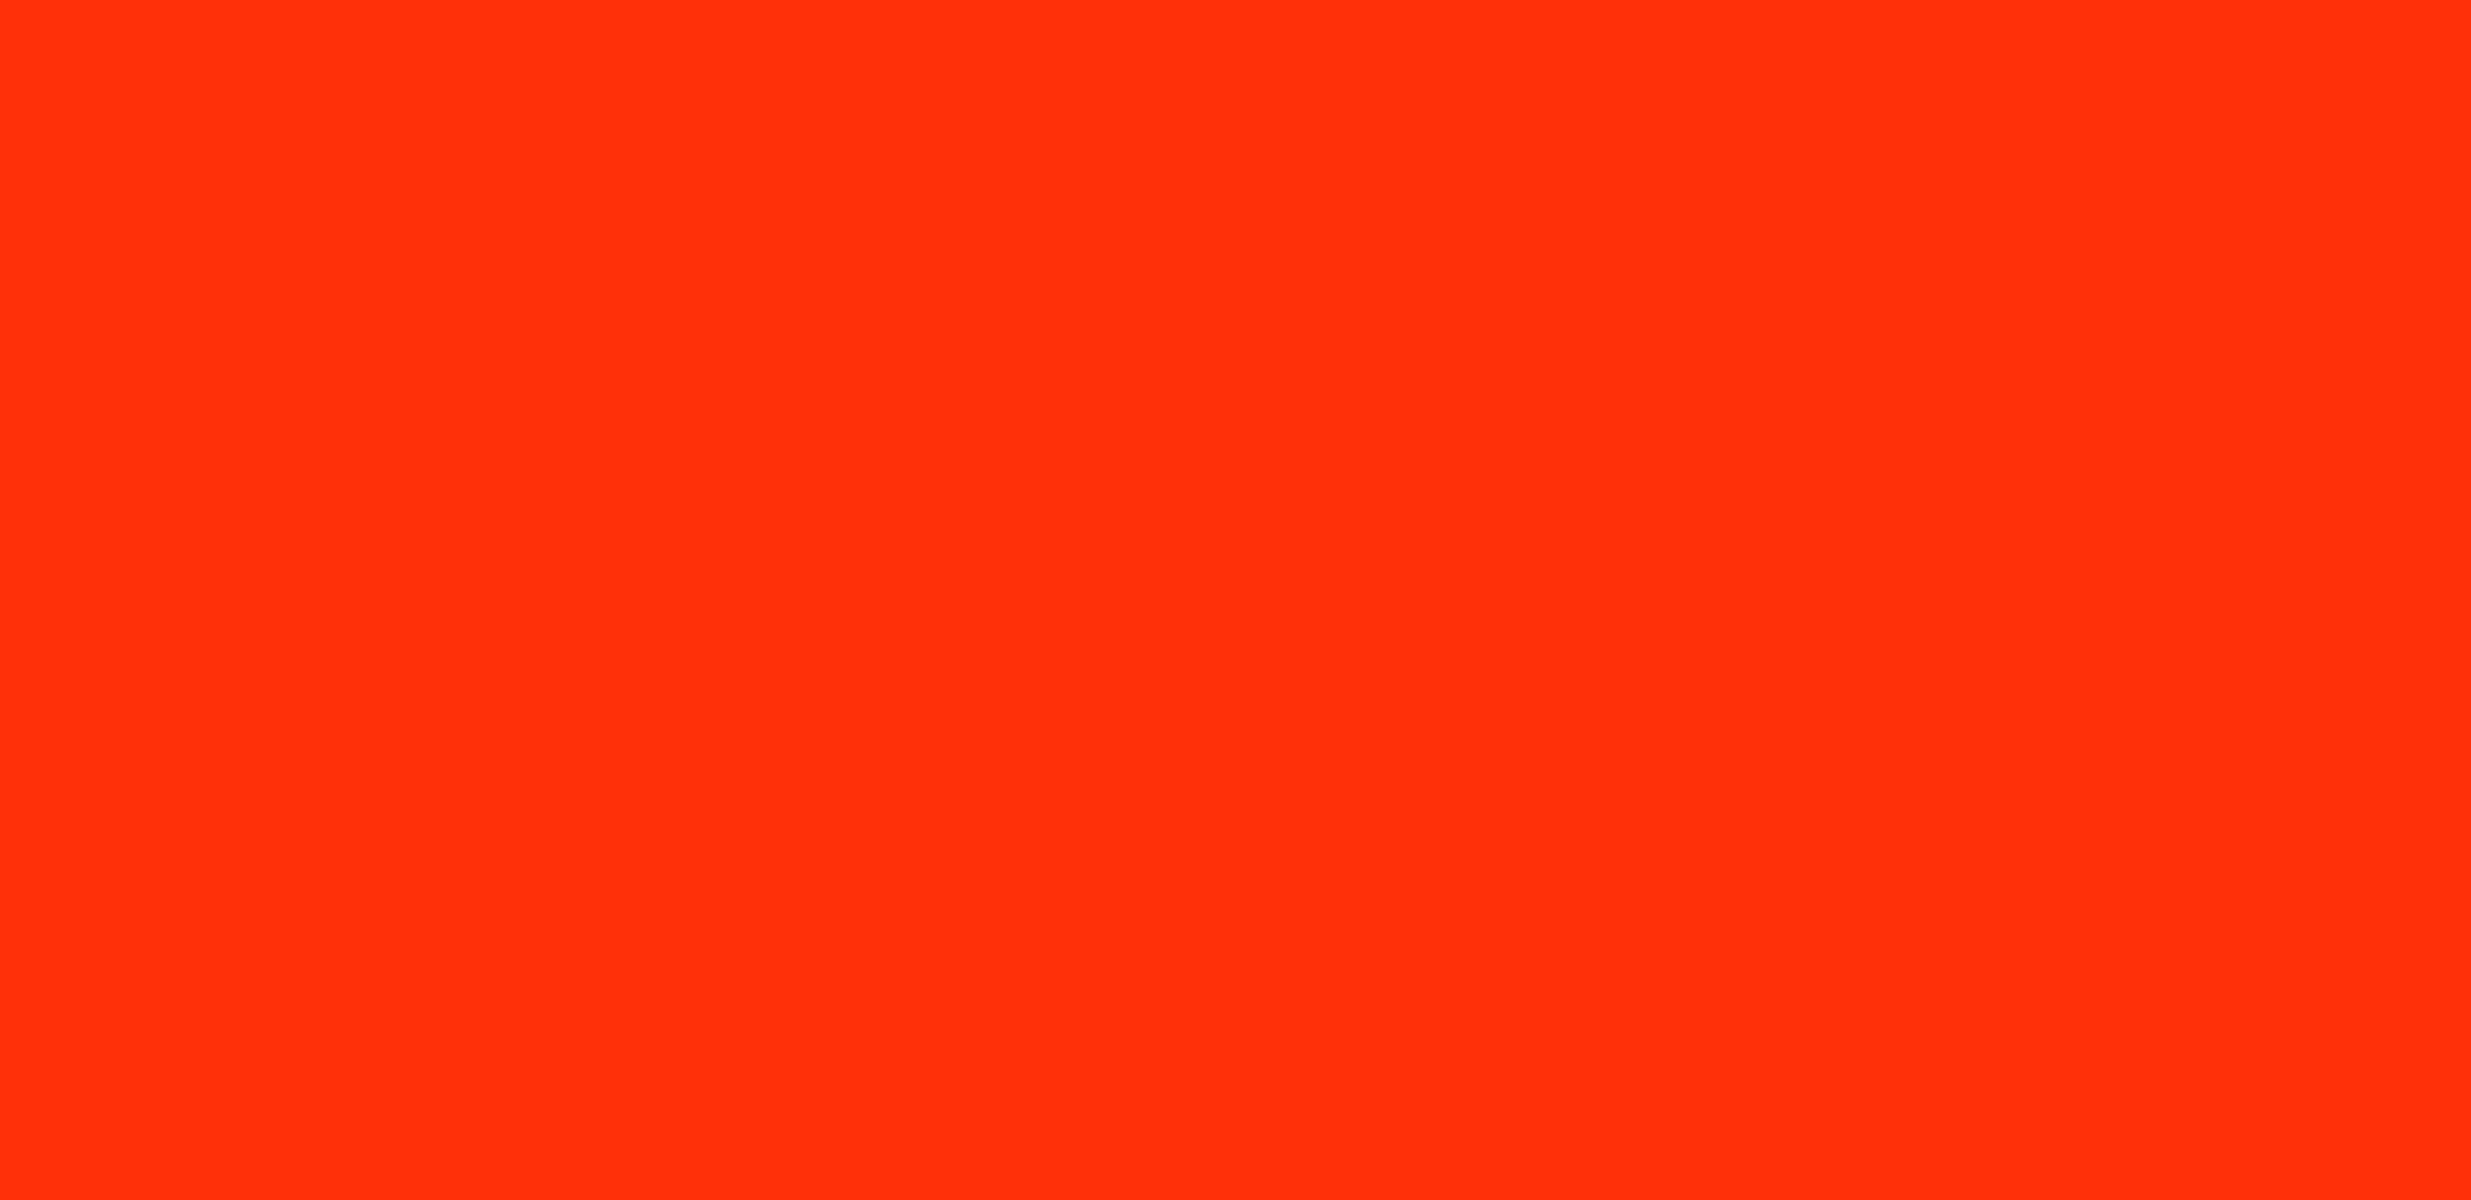 logo-doordash-